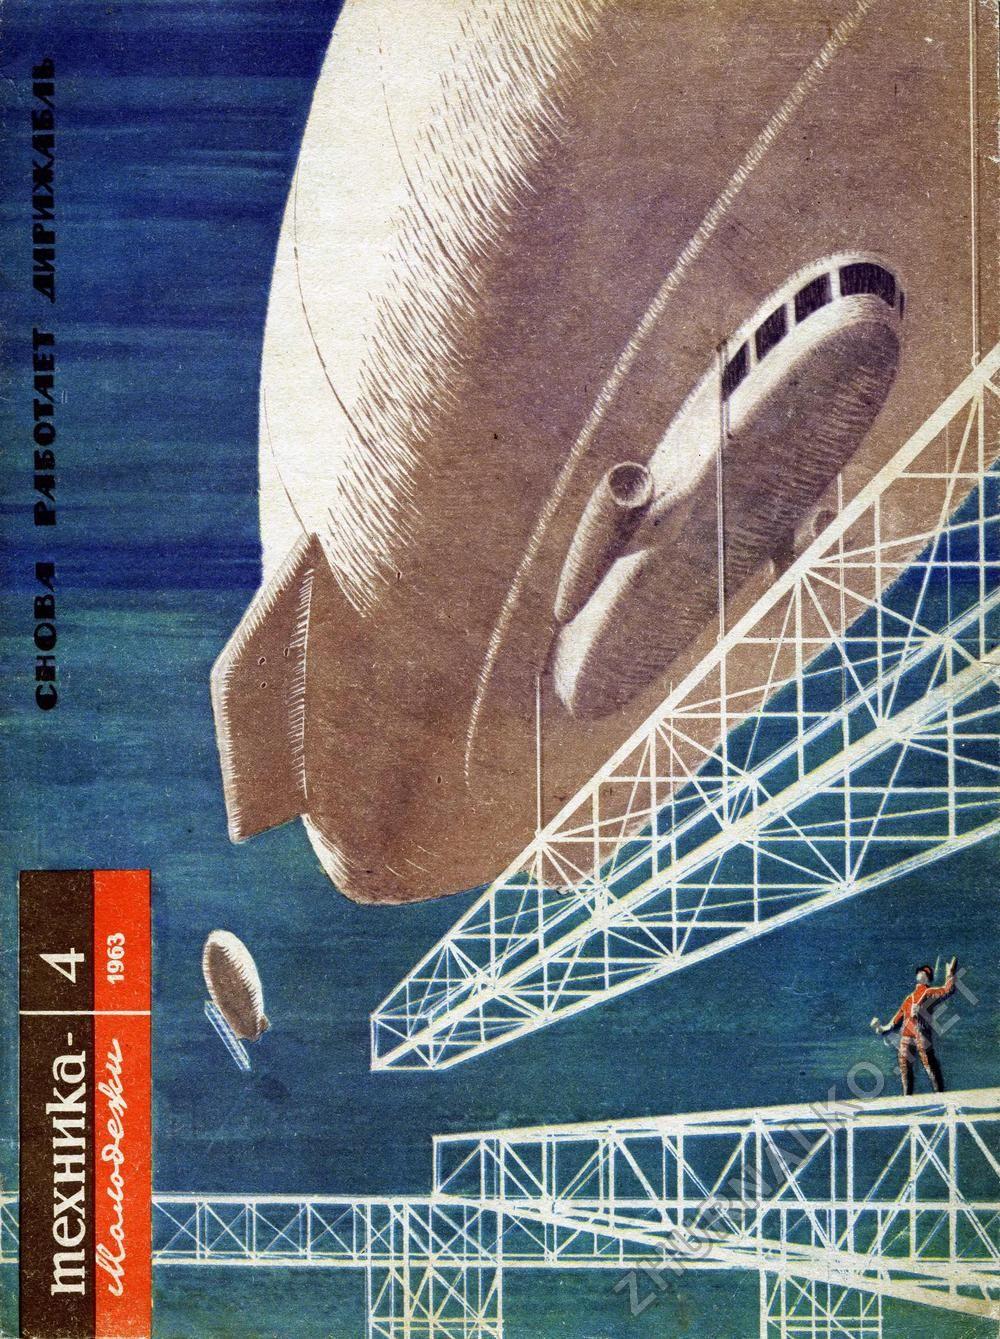 Картинка из старого журнала про будущие